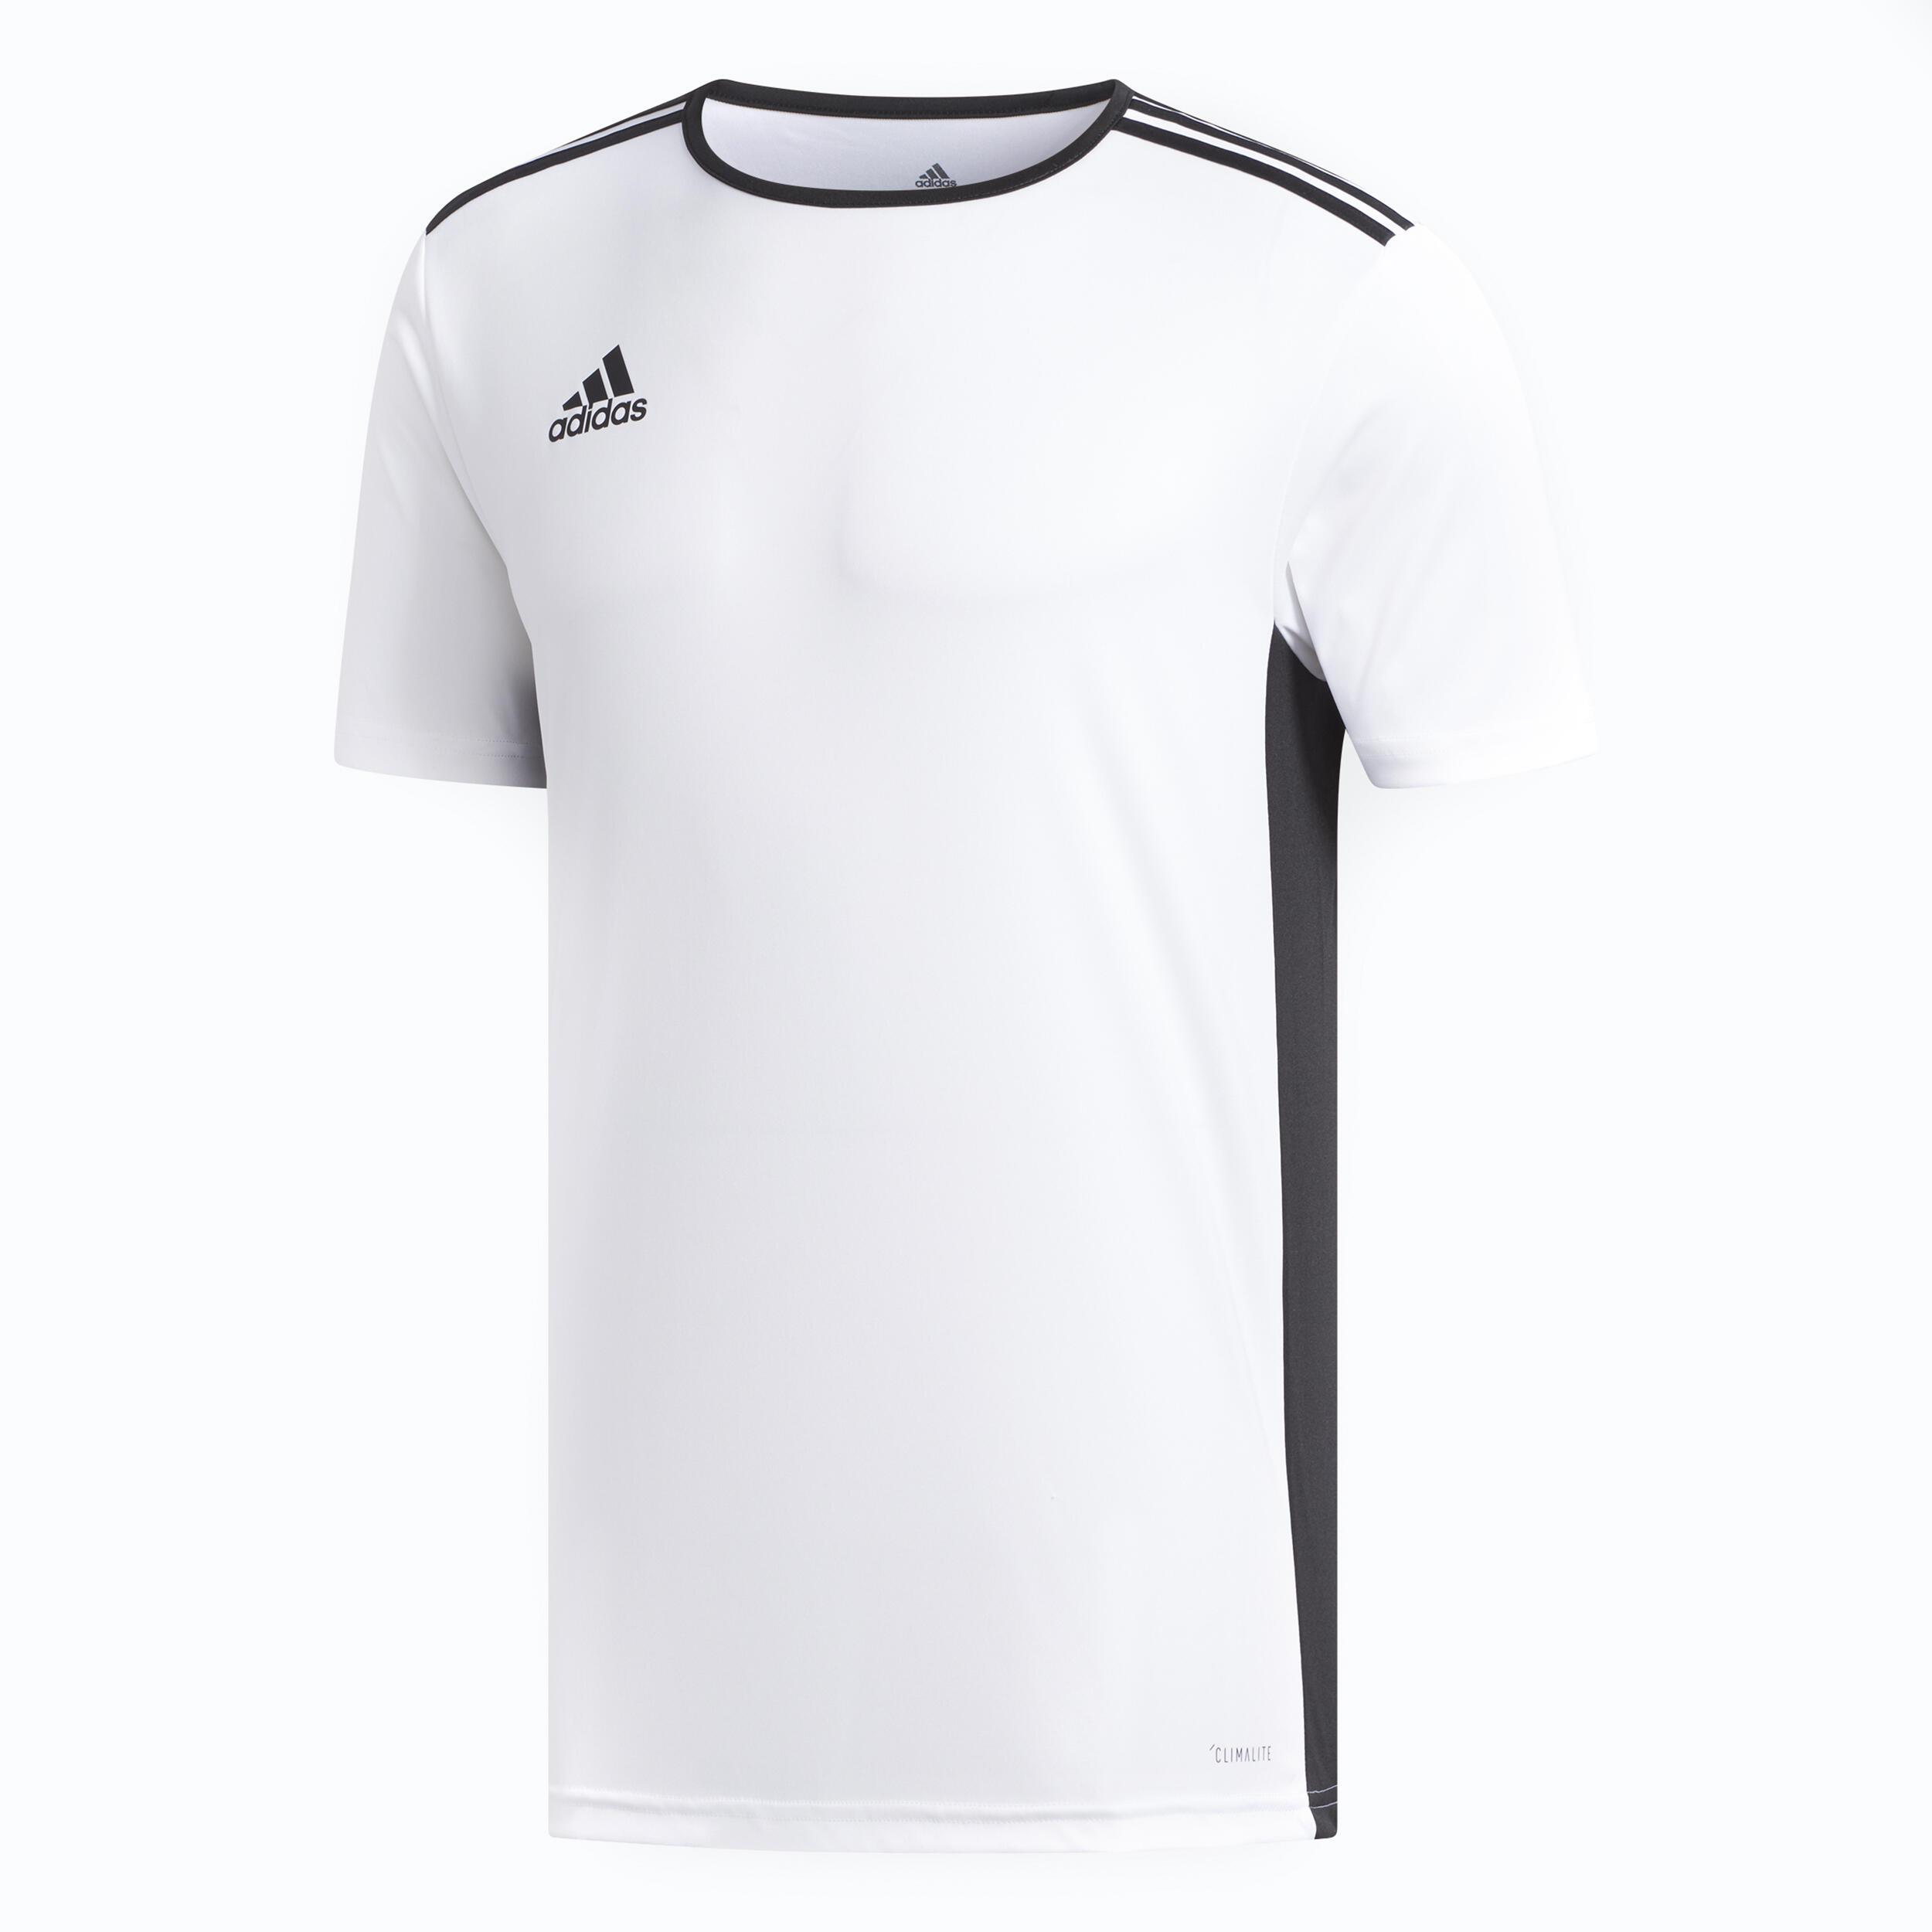 Una efectiva Nosotros mismos paquete  decathlon camiseta adidas baratas online